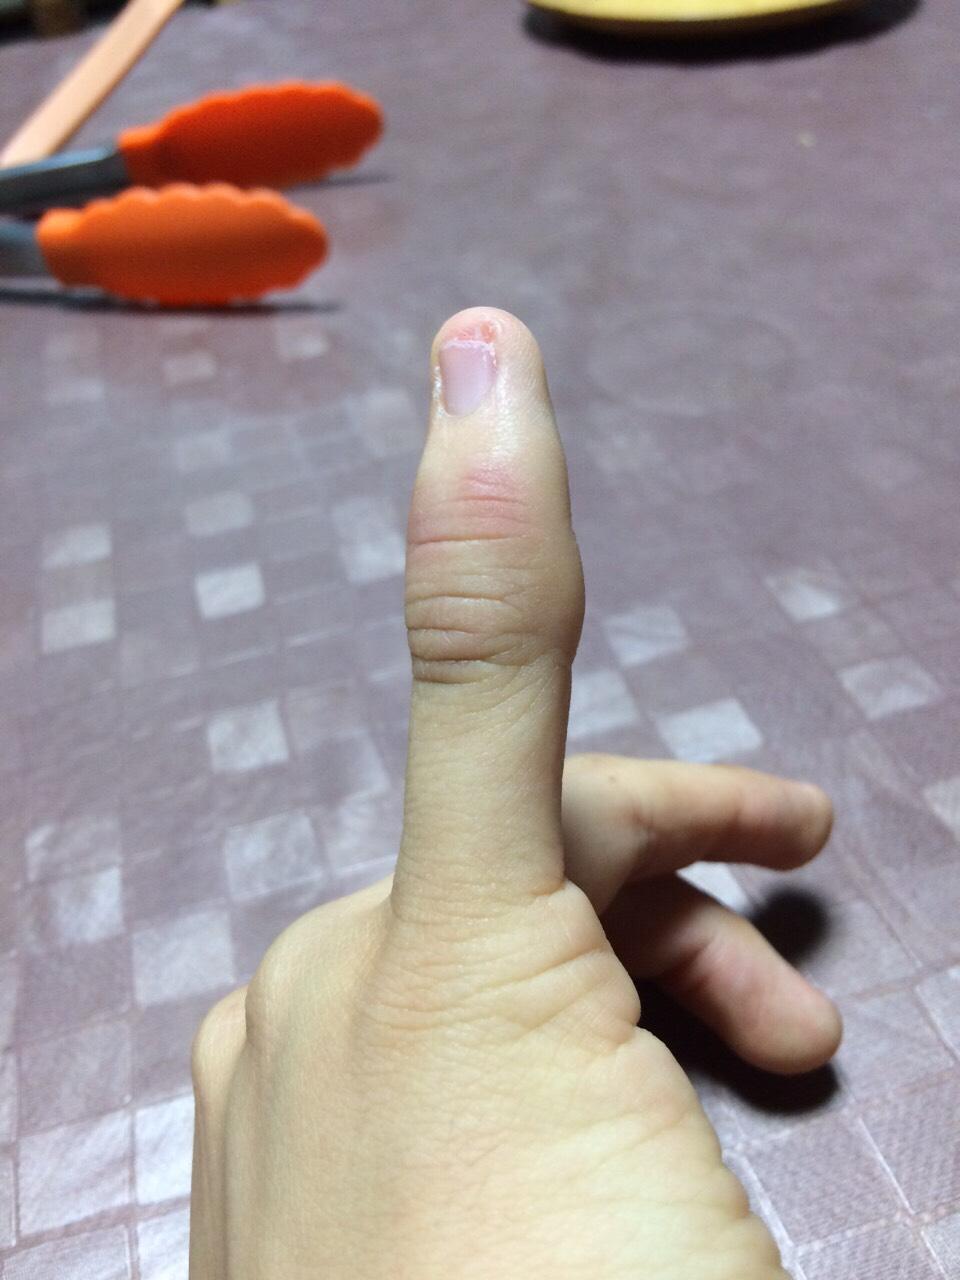 指の捻挫による炎症